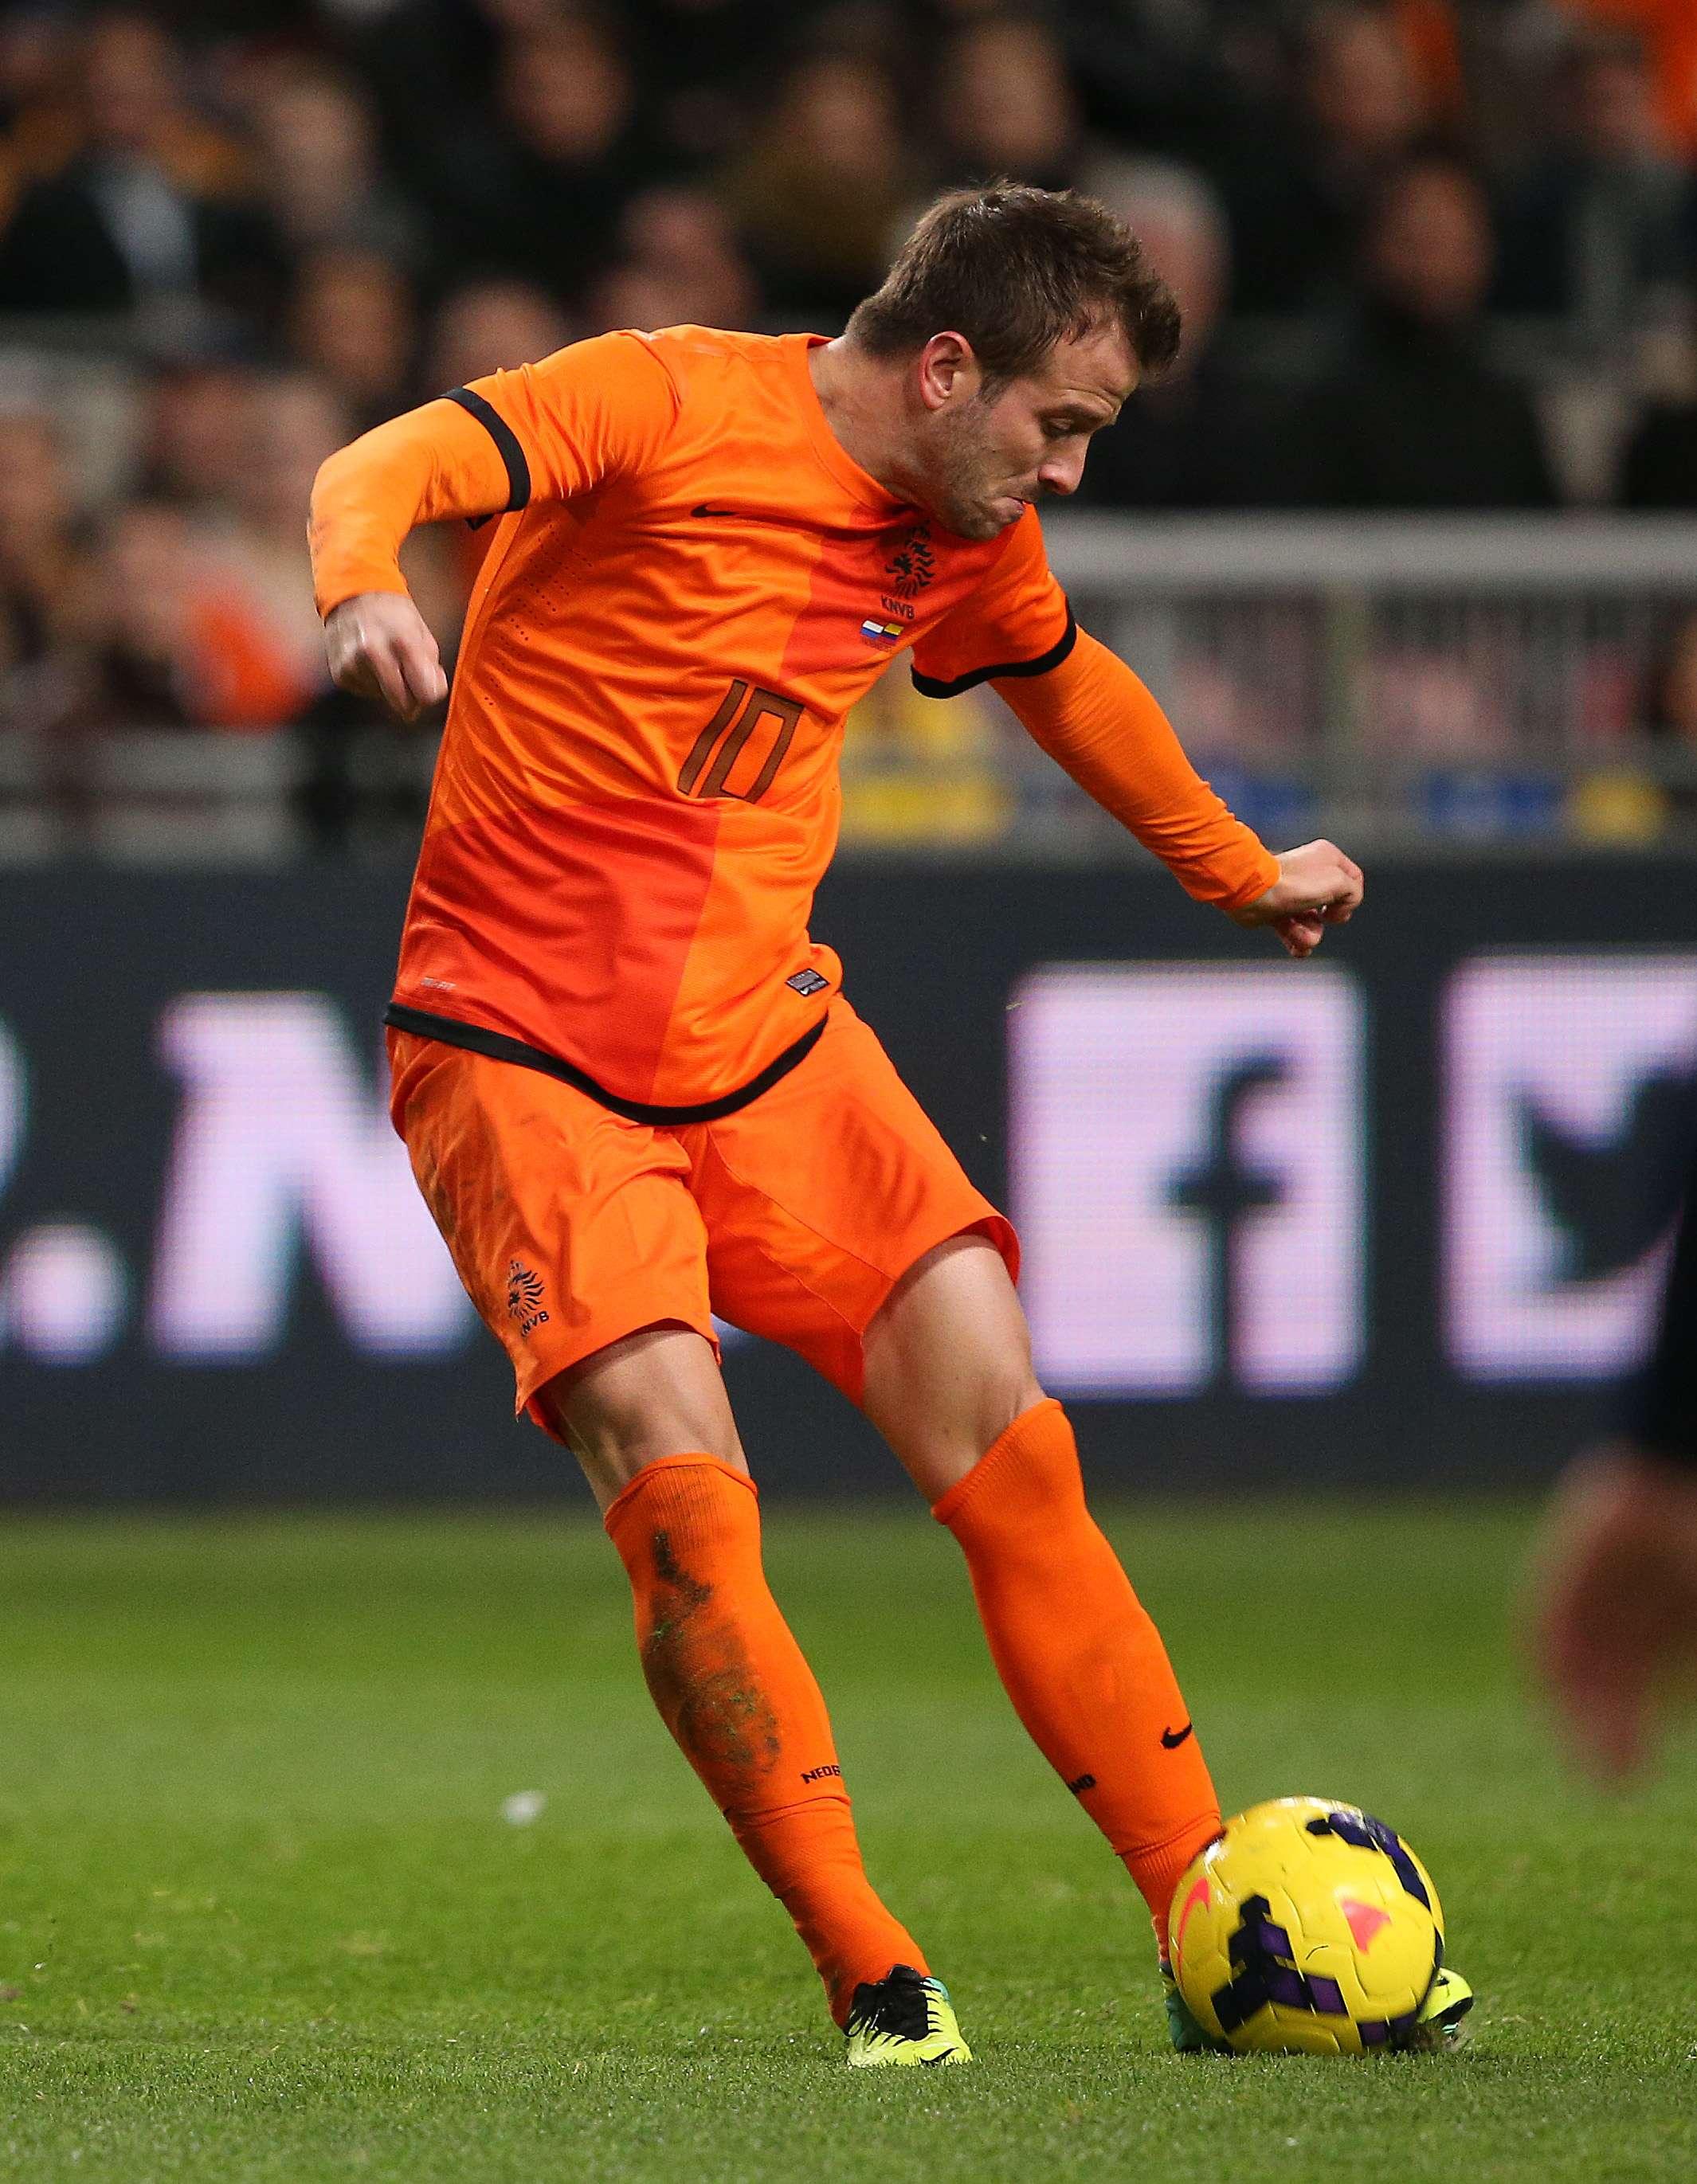 Van der Vaart e Afellay são novidades na seleção da Holanda